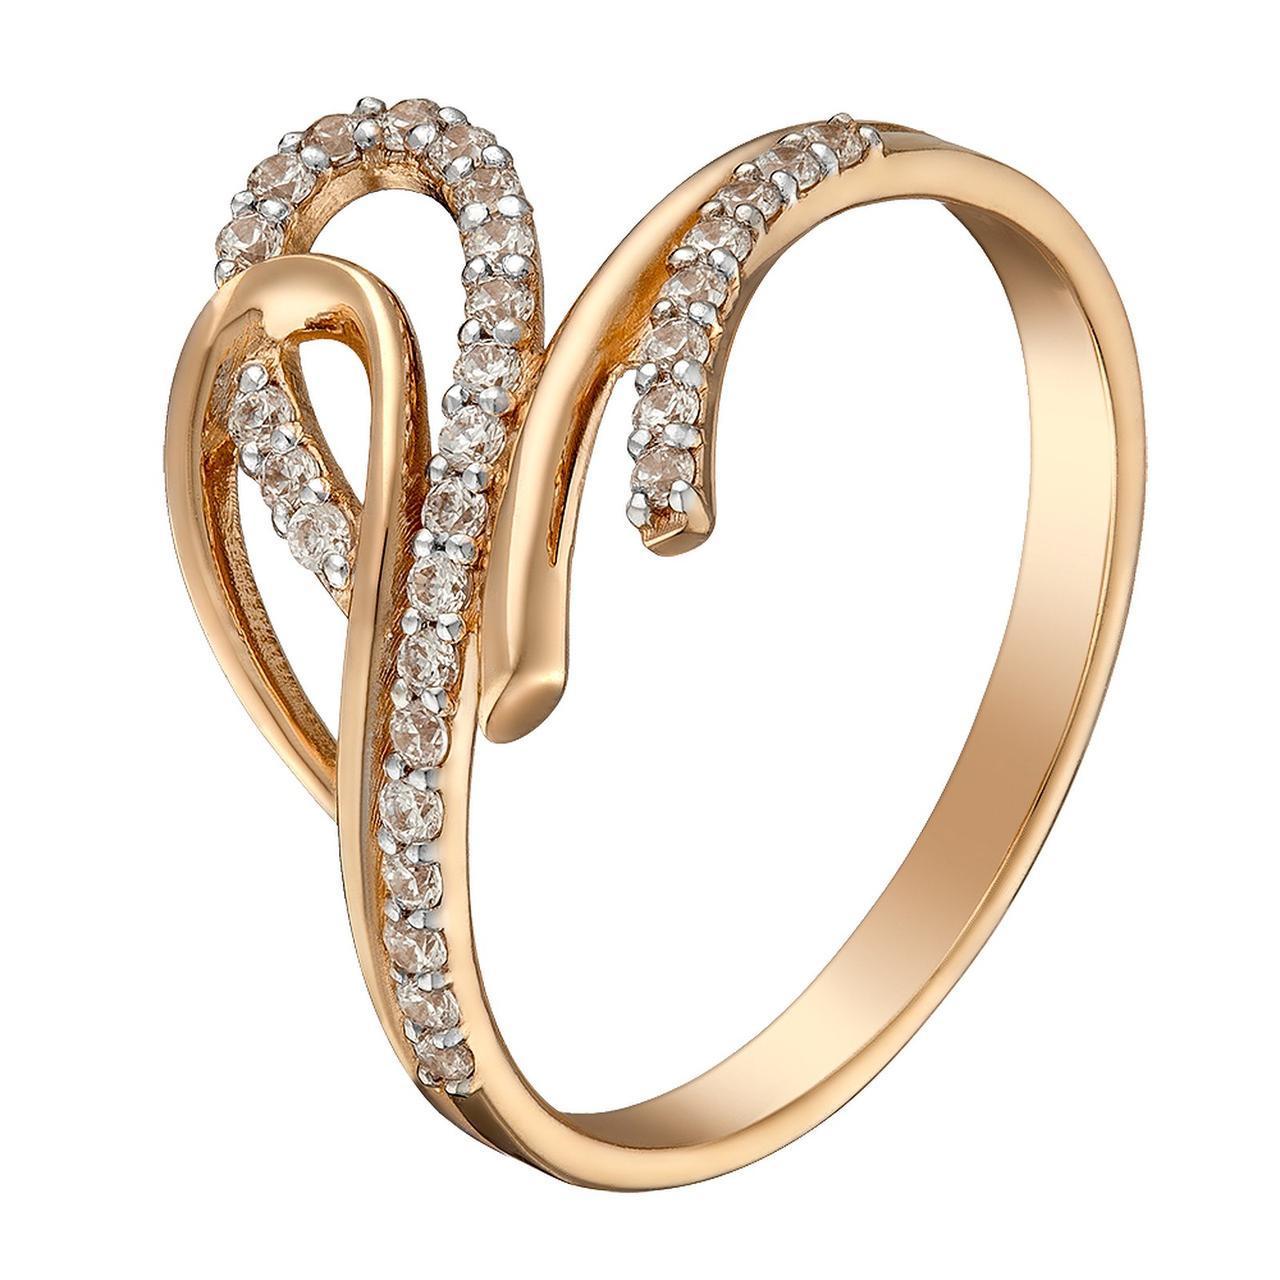 Золотое кольцо с куб. циркониями, размер 18 (1616143)